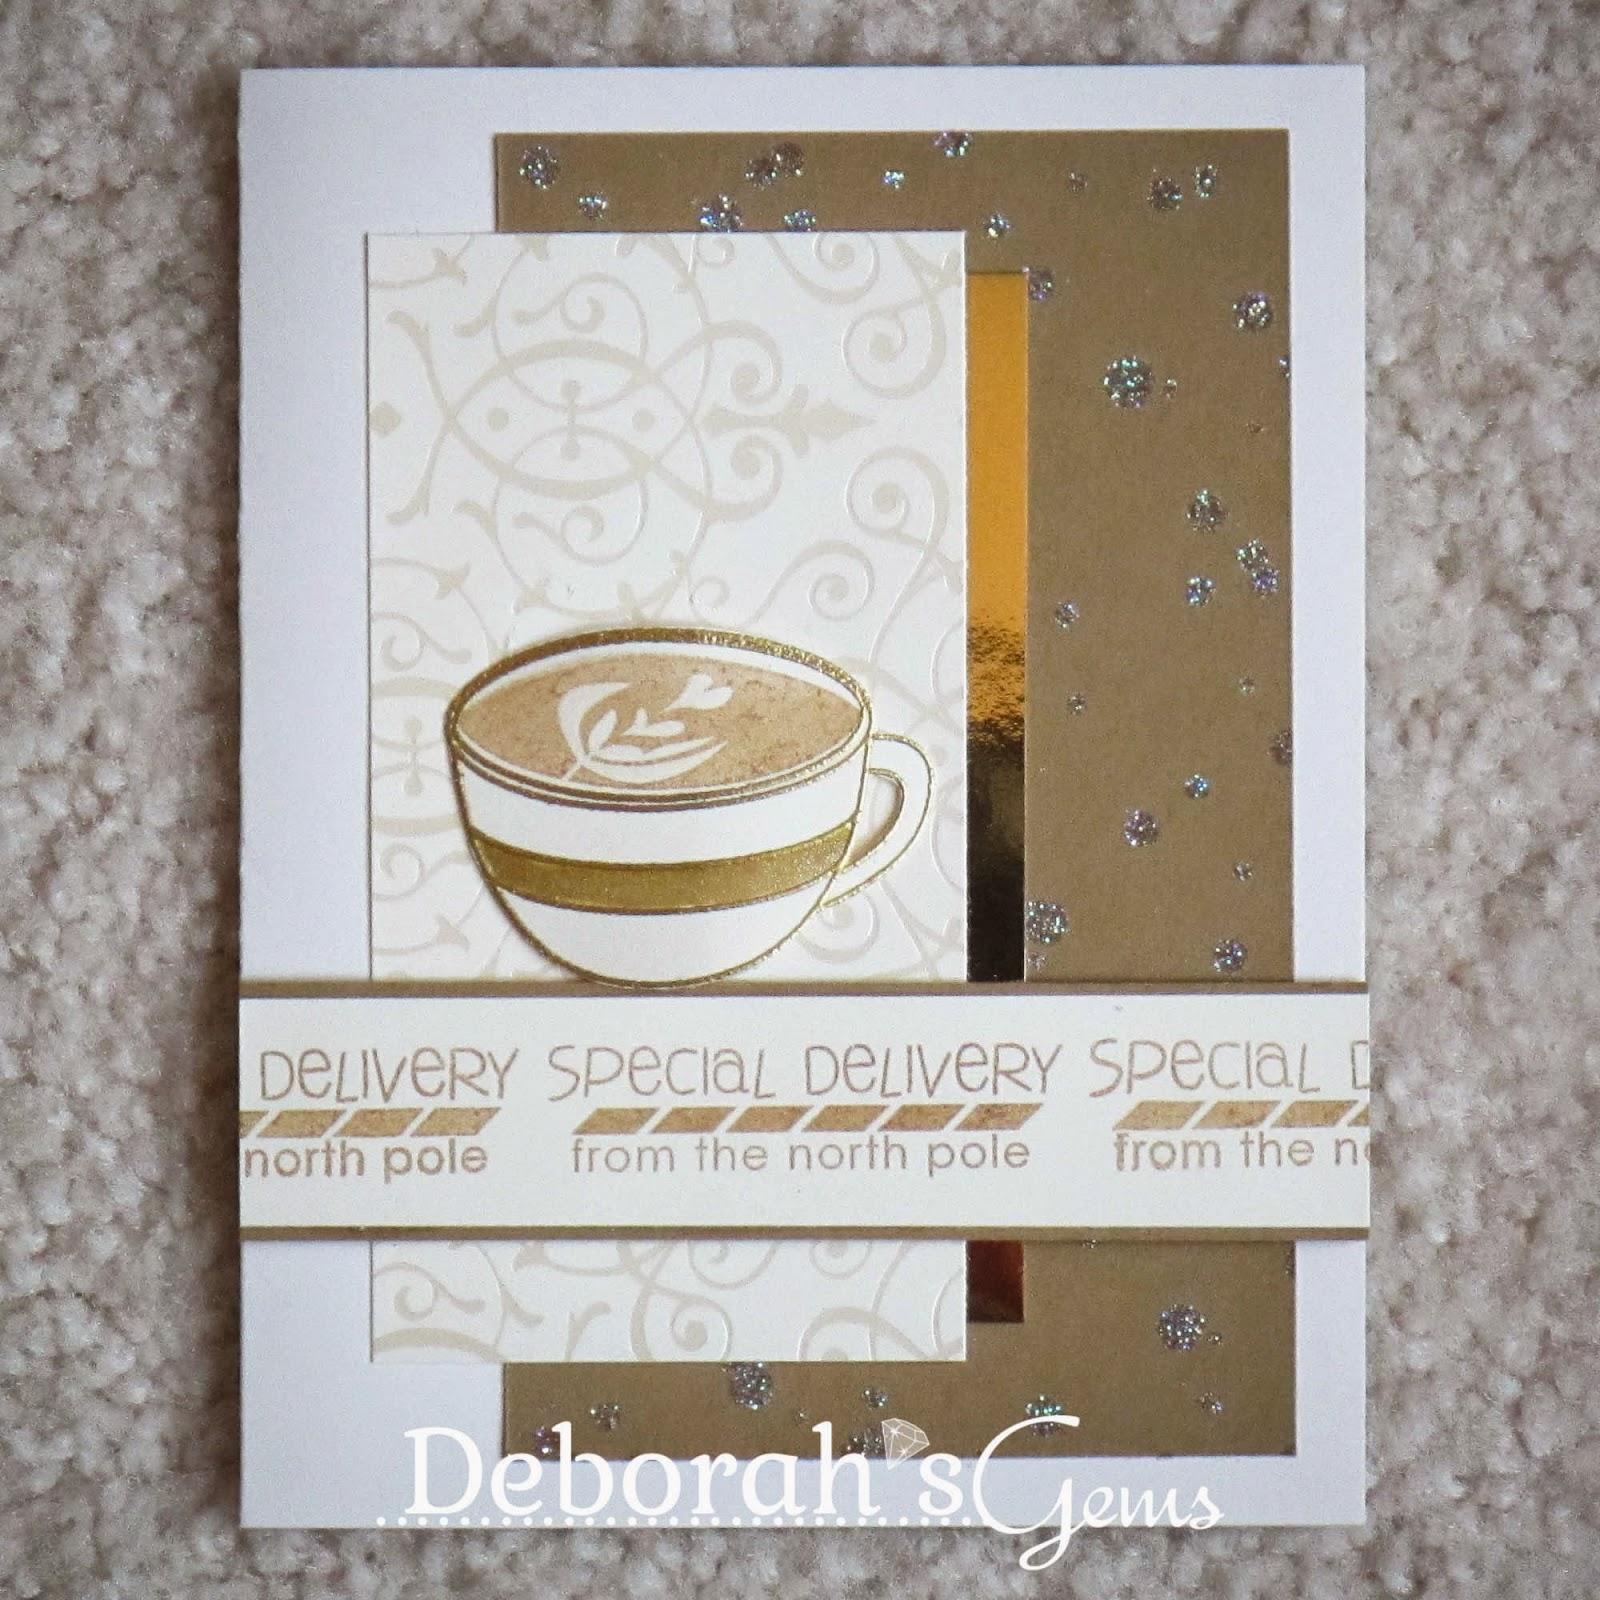 Special Delivery sq - photo by Deborah Frings - Deborah's Gems